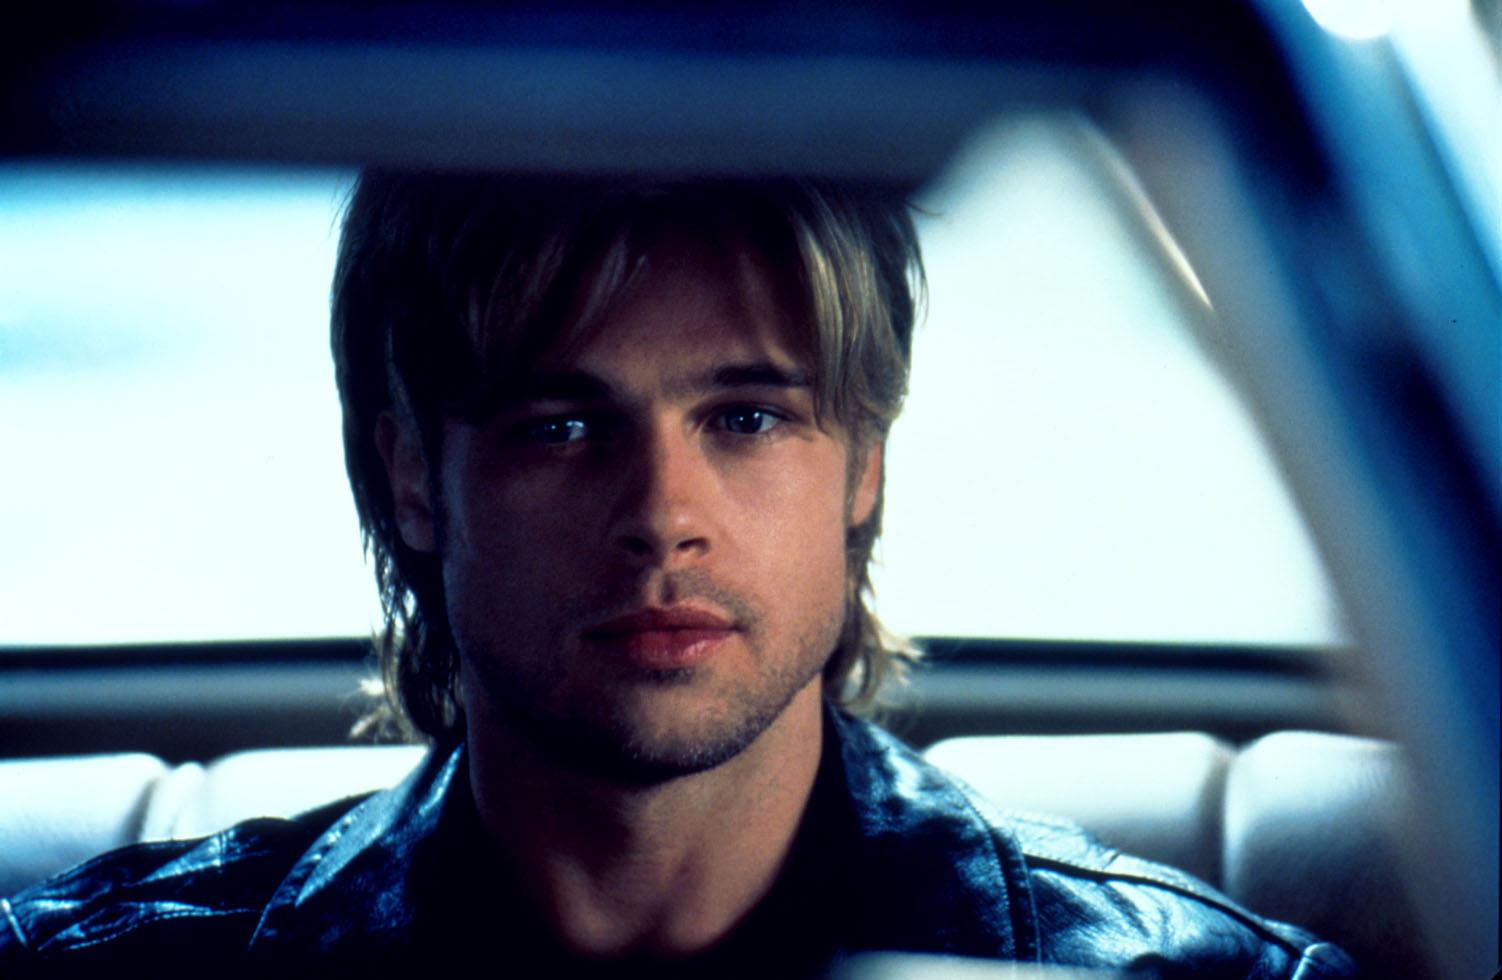 A scene from the film 'The devil's own' (1997) starring Brad Pitt.